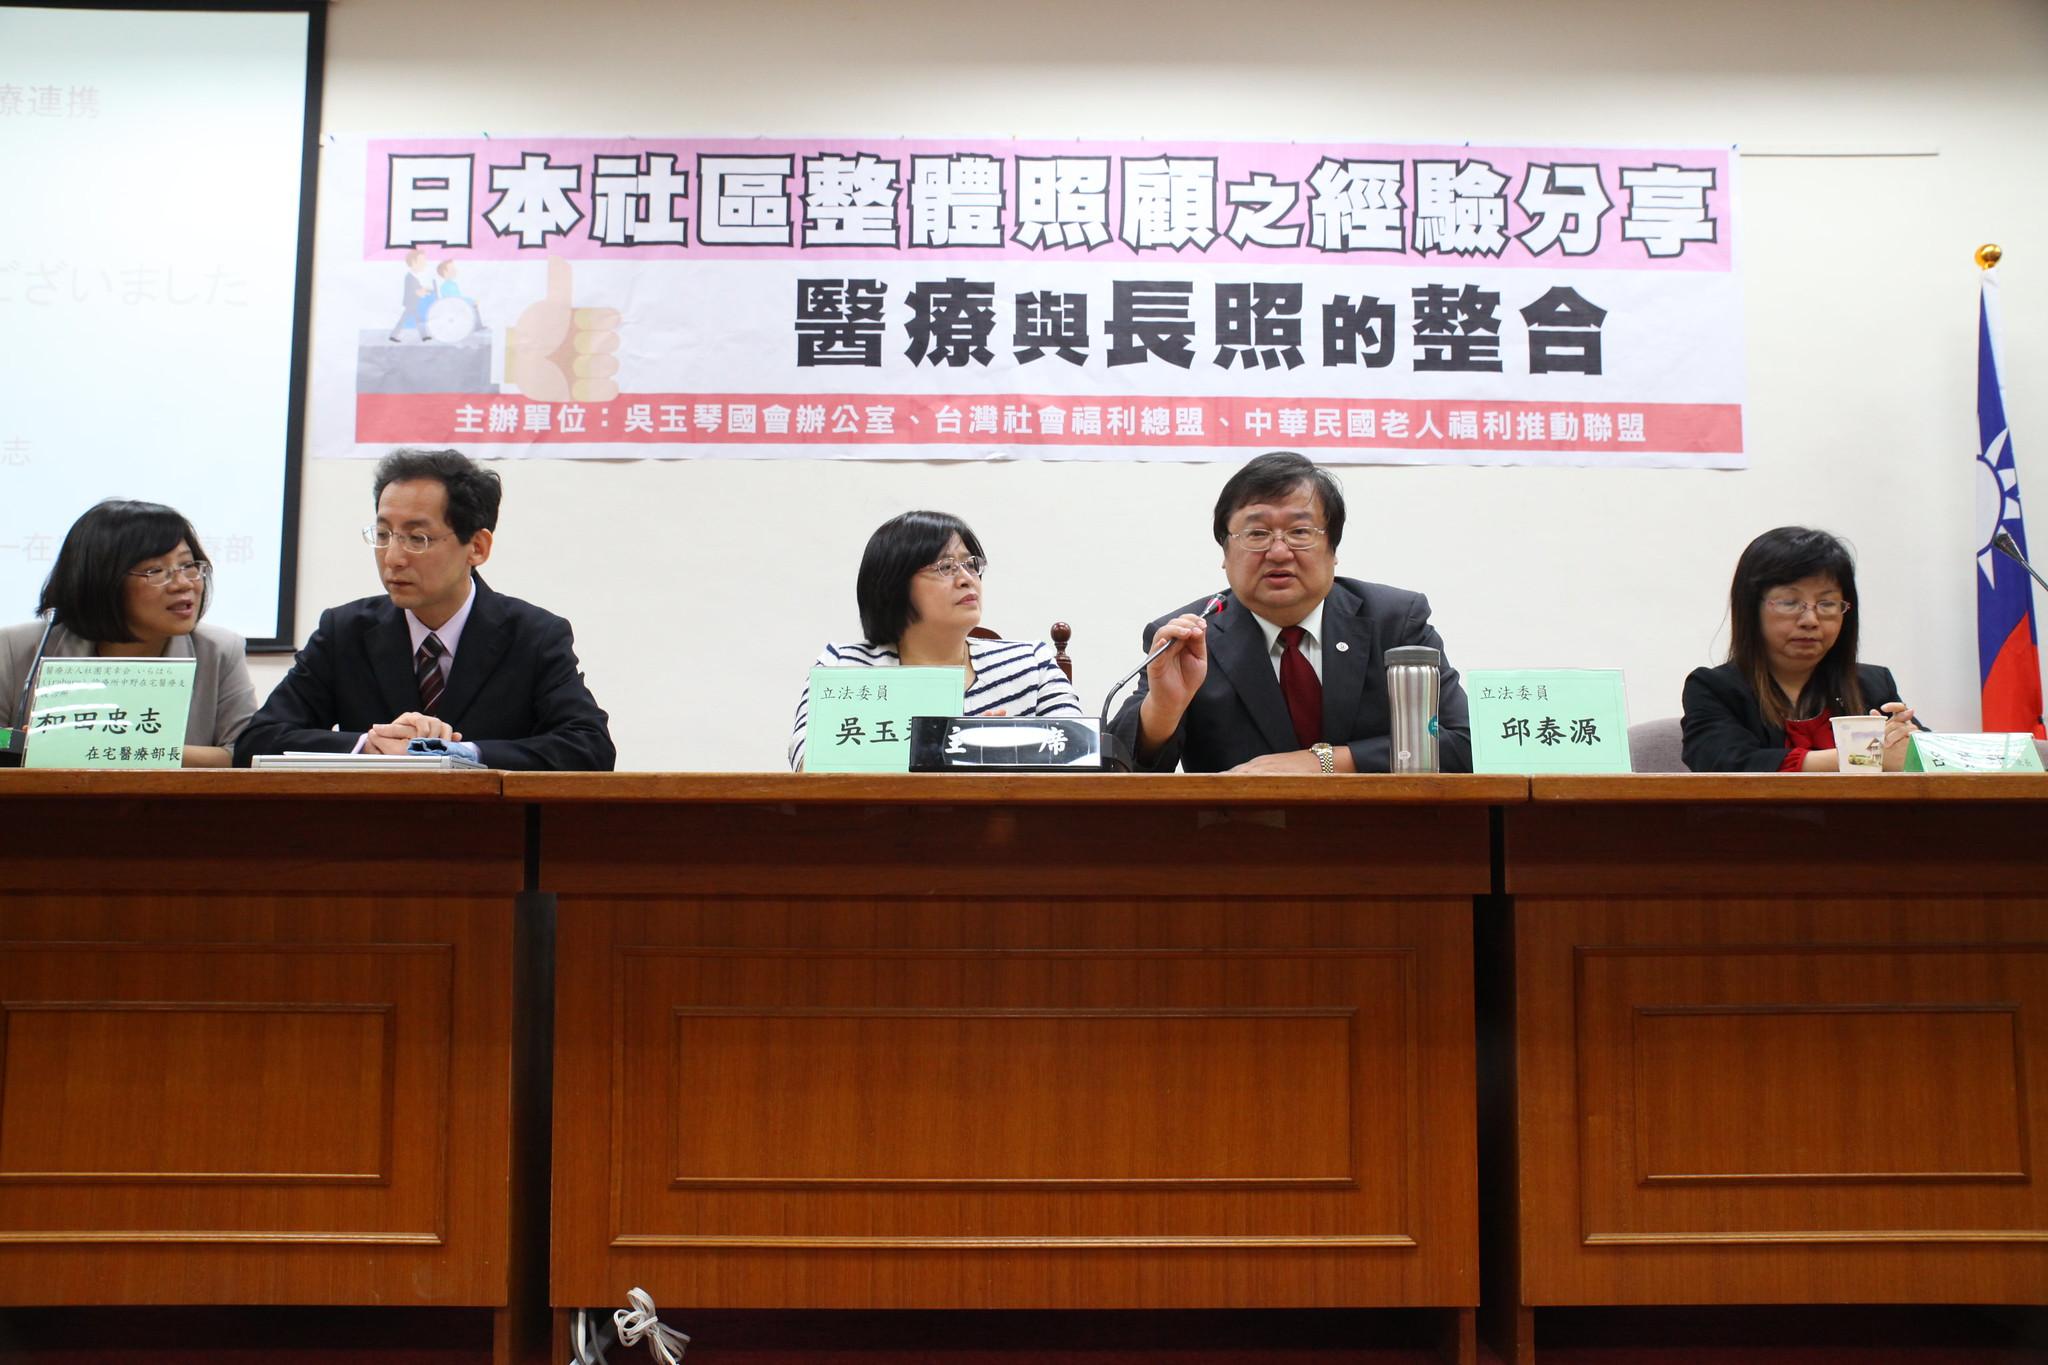 今天立委吳玉琴國會辦公室和台灣社會福利總盟等照顧團體聯合召開一場座談,透過日本社區的照顧經驗來討論「醫療與長照如何結合」。(攝影:陳逸婷)